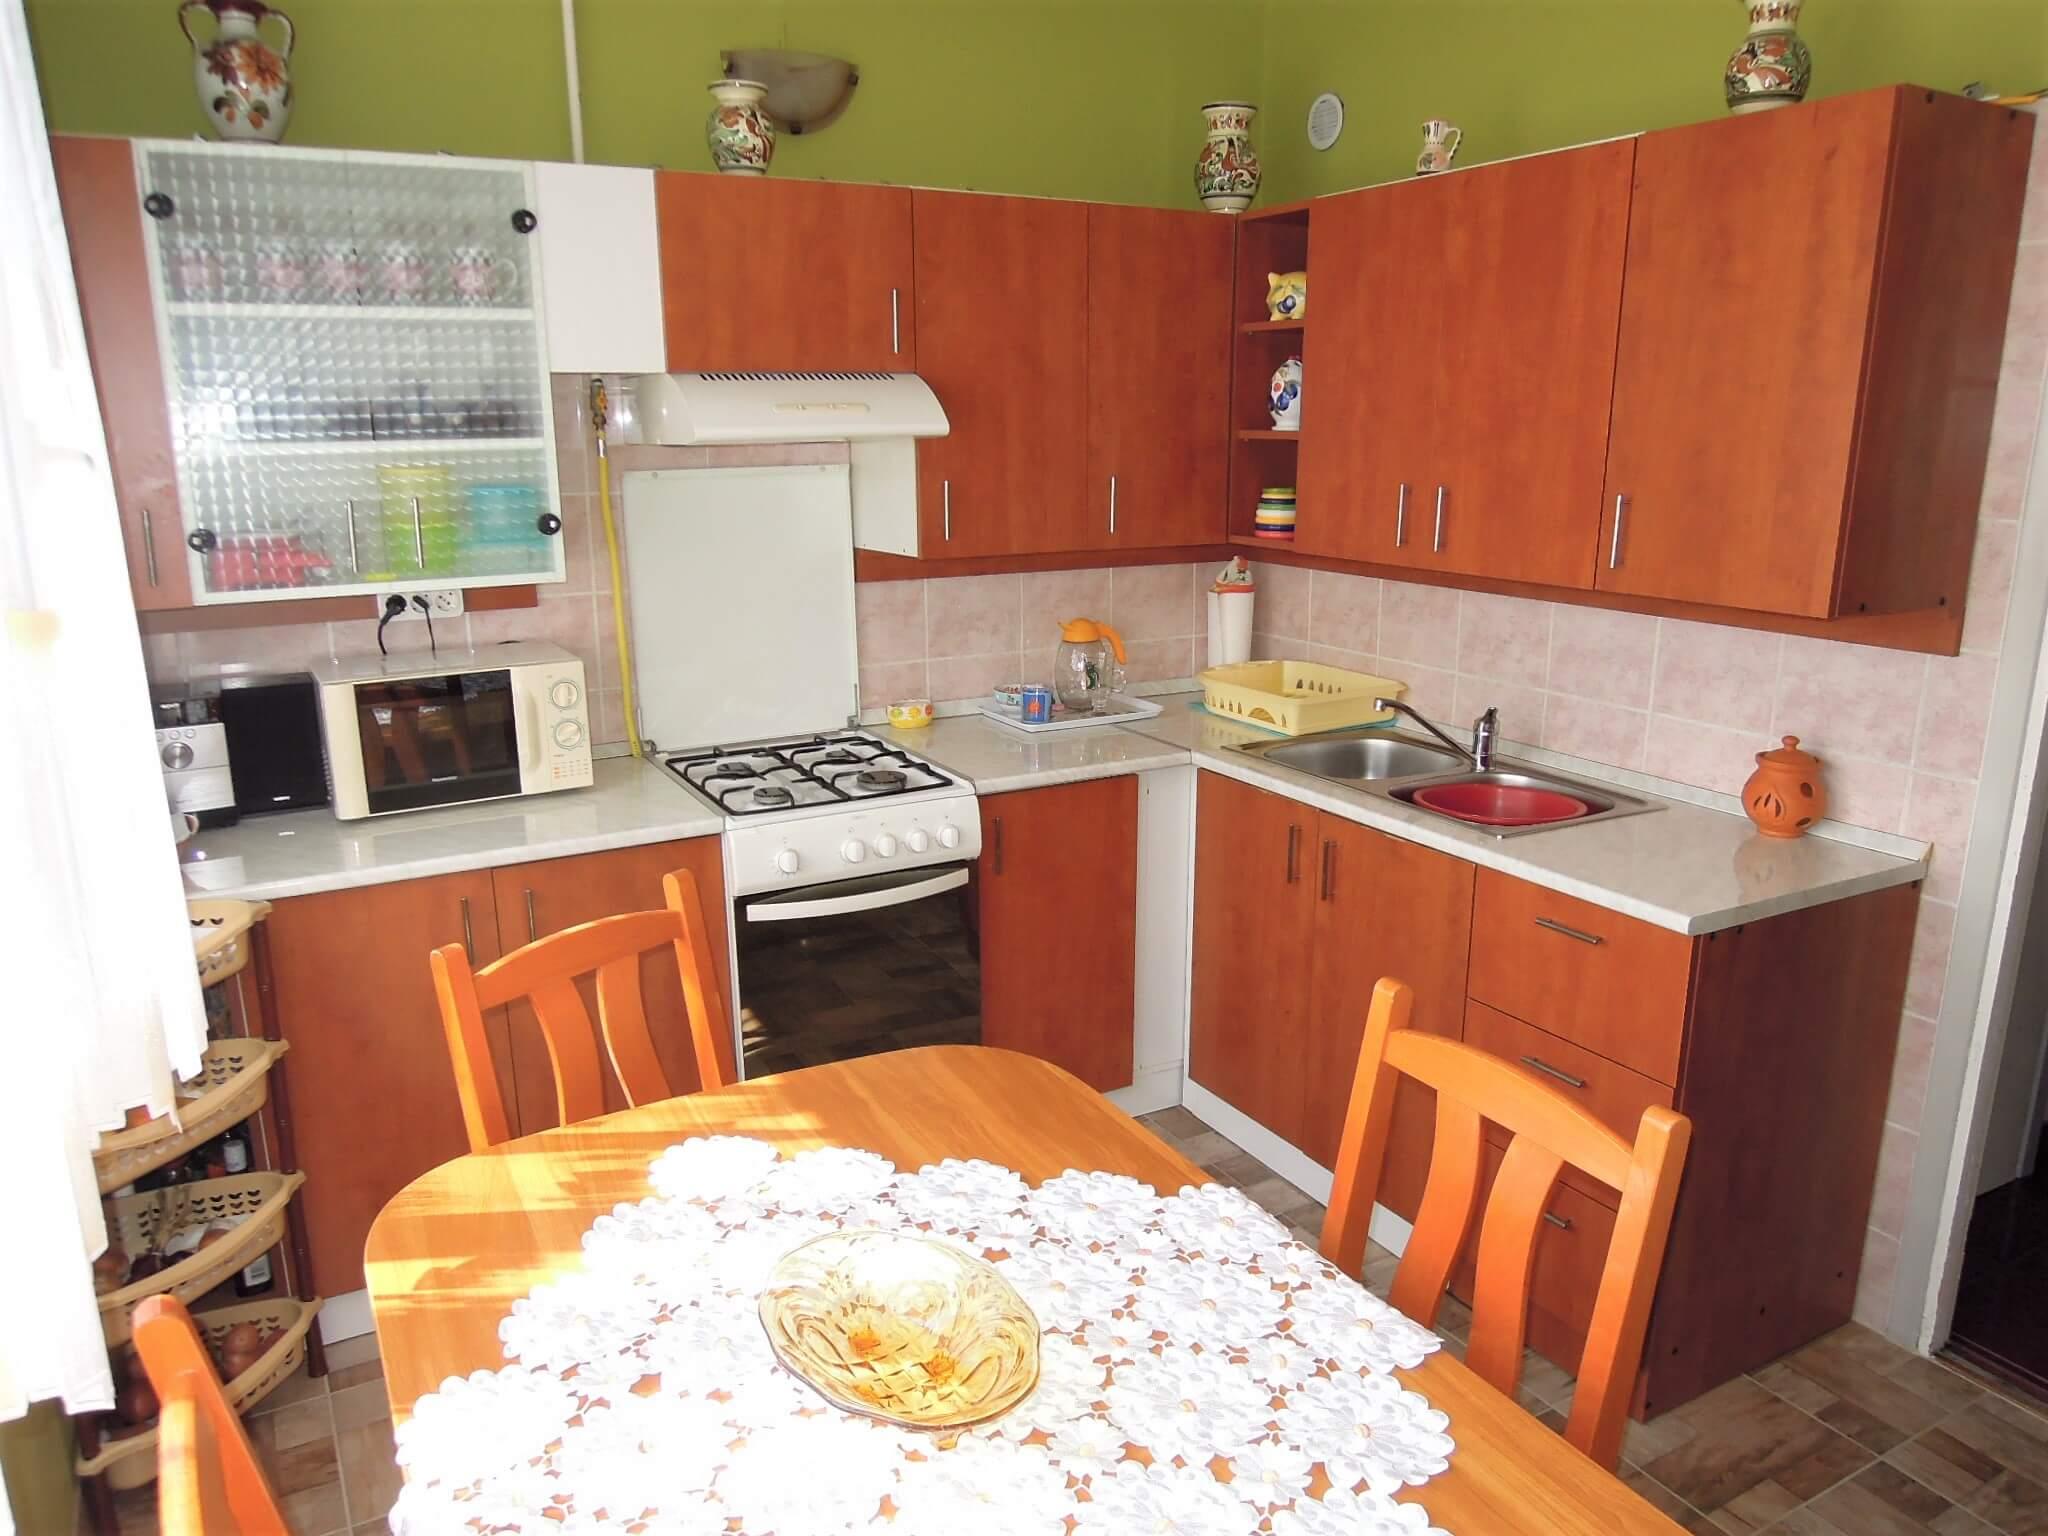 Eladó 1 szobás, 2 félszobás panellakás-Budapest IV-Újpest-http://alacsonyjutalek.hu/ - Megbízható, megfizethető, minőségi ingatlanközvetítő iroda-tel: 36-30-9843-962